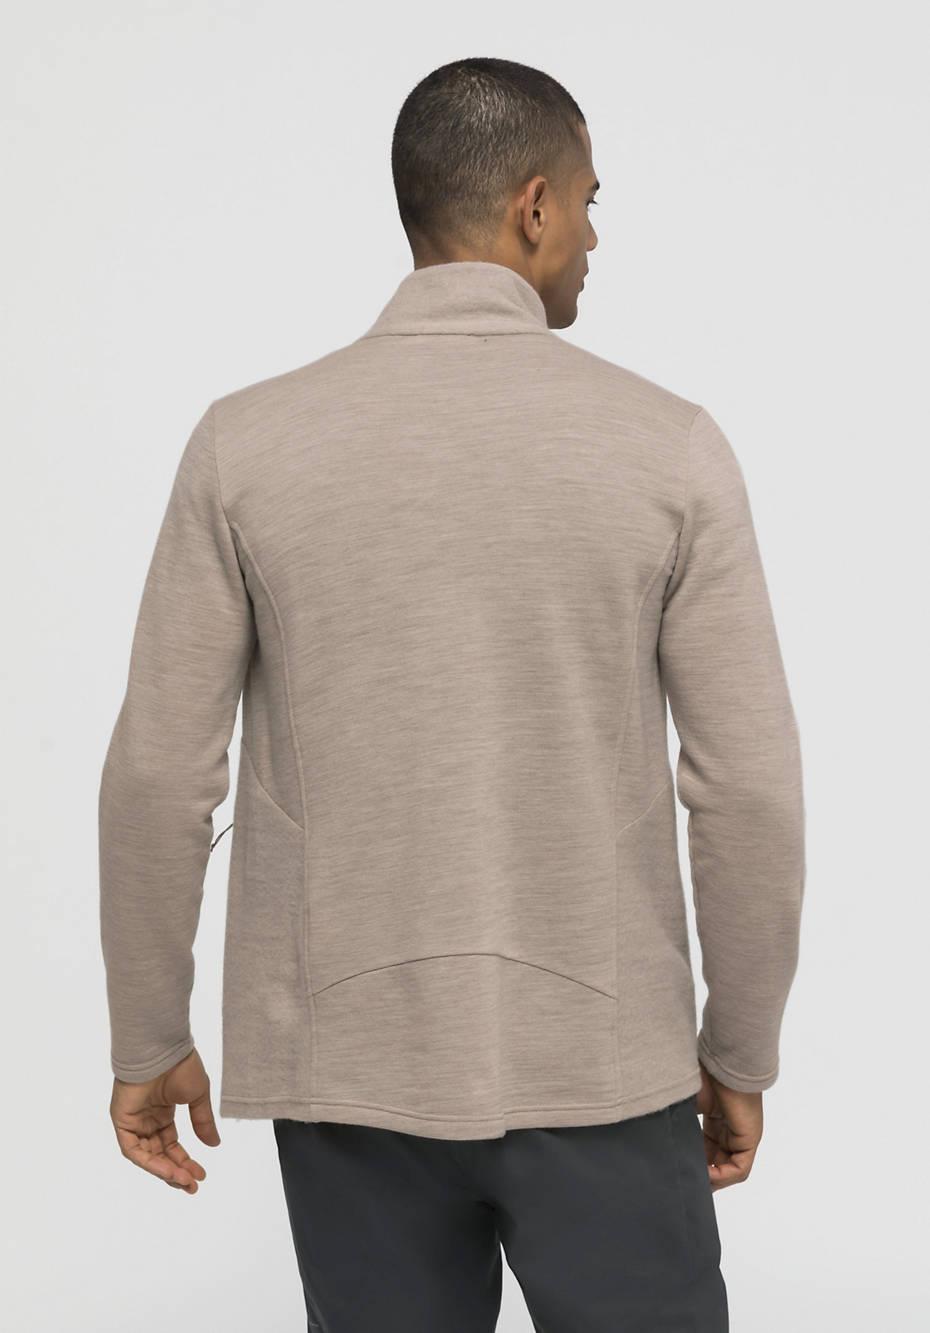 Leichte Wollfleece-Jacke aus reiner Bio-Merinowolle